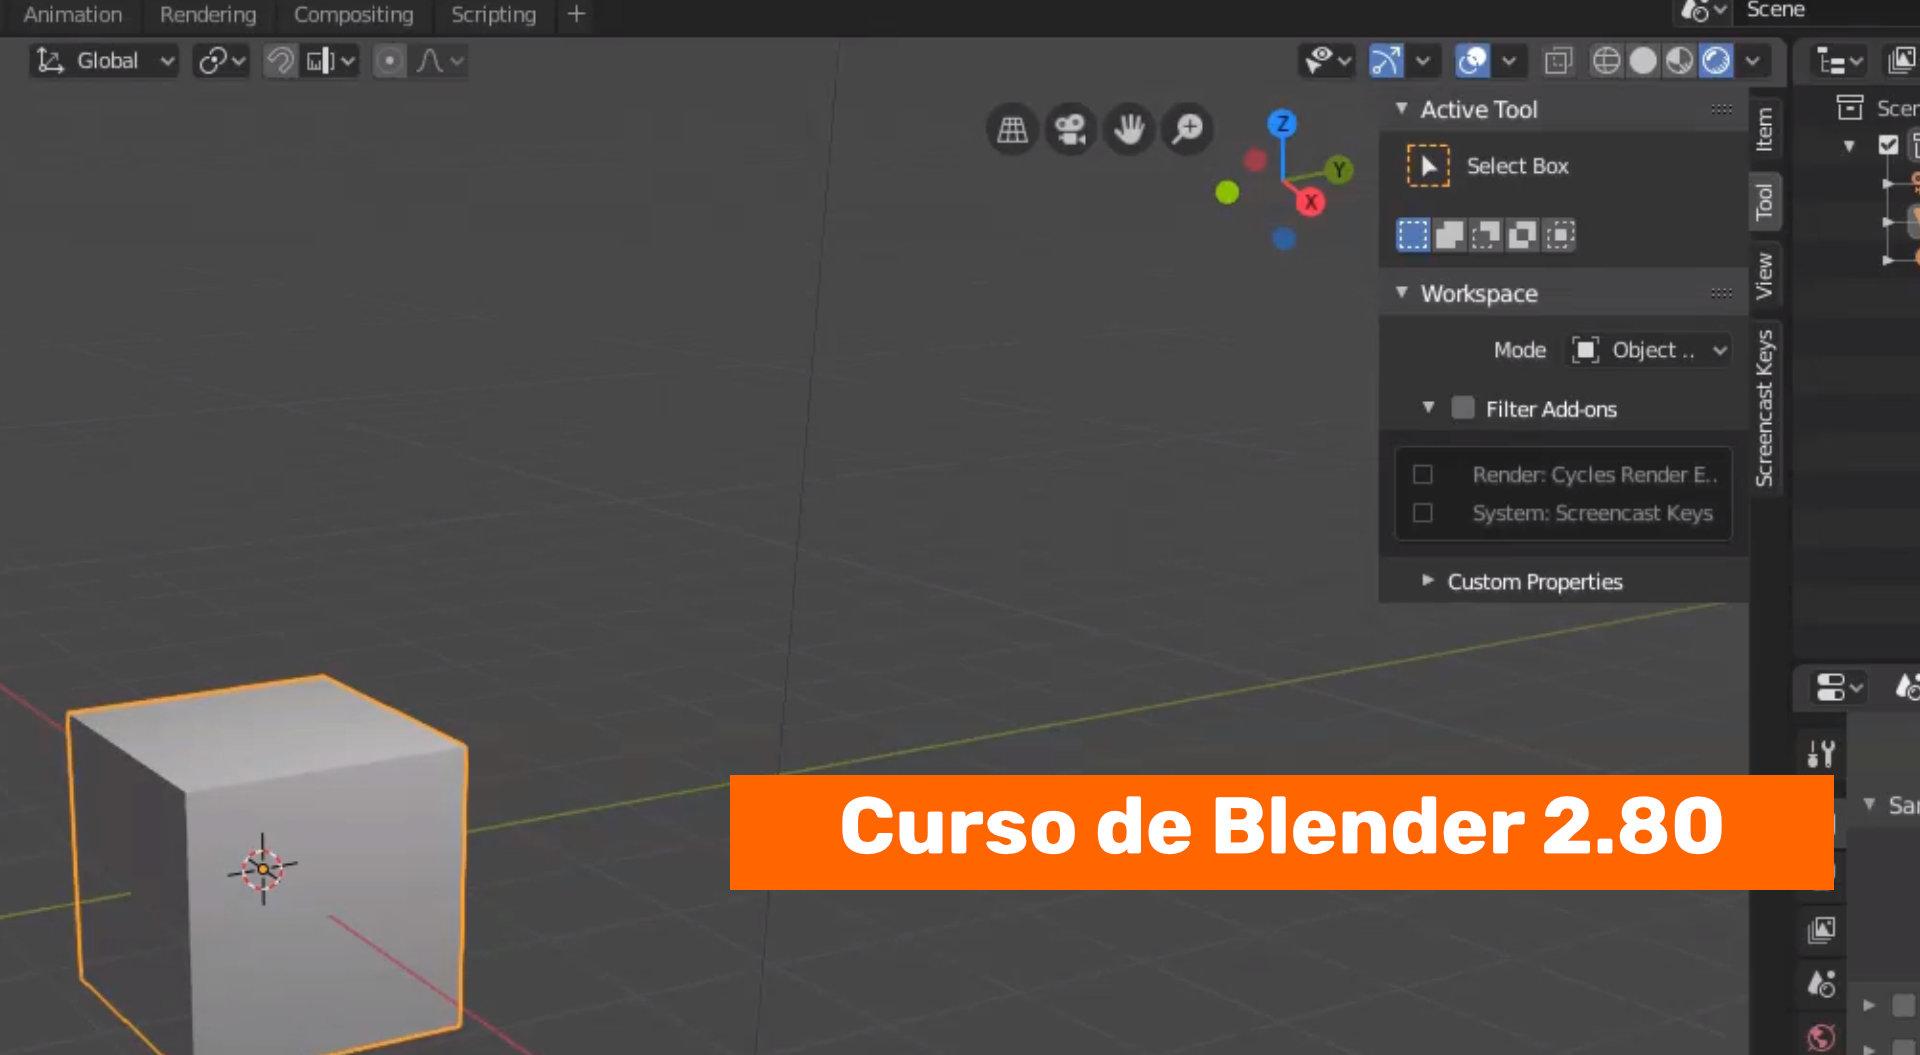 Los elementos del interface de Blender 2.80